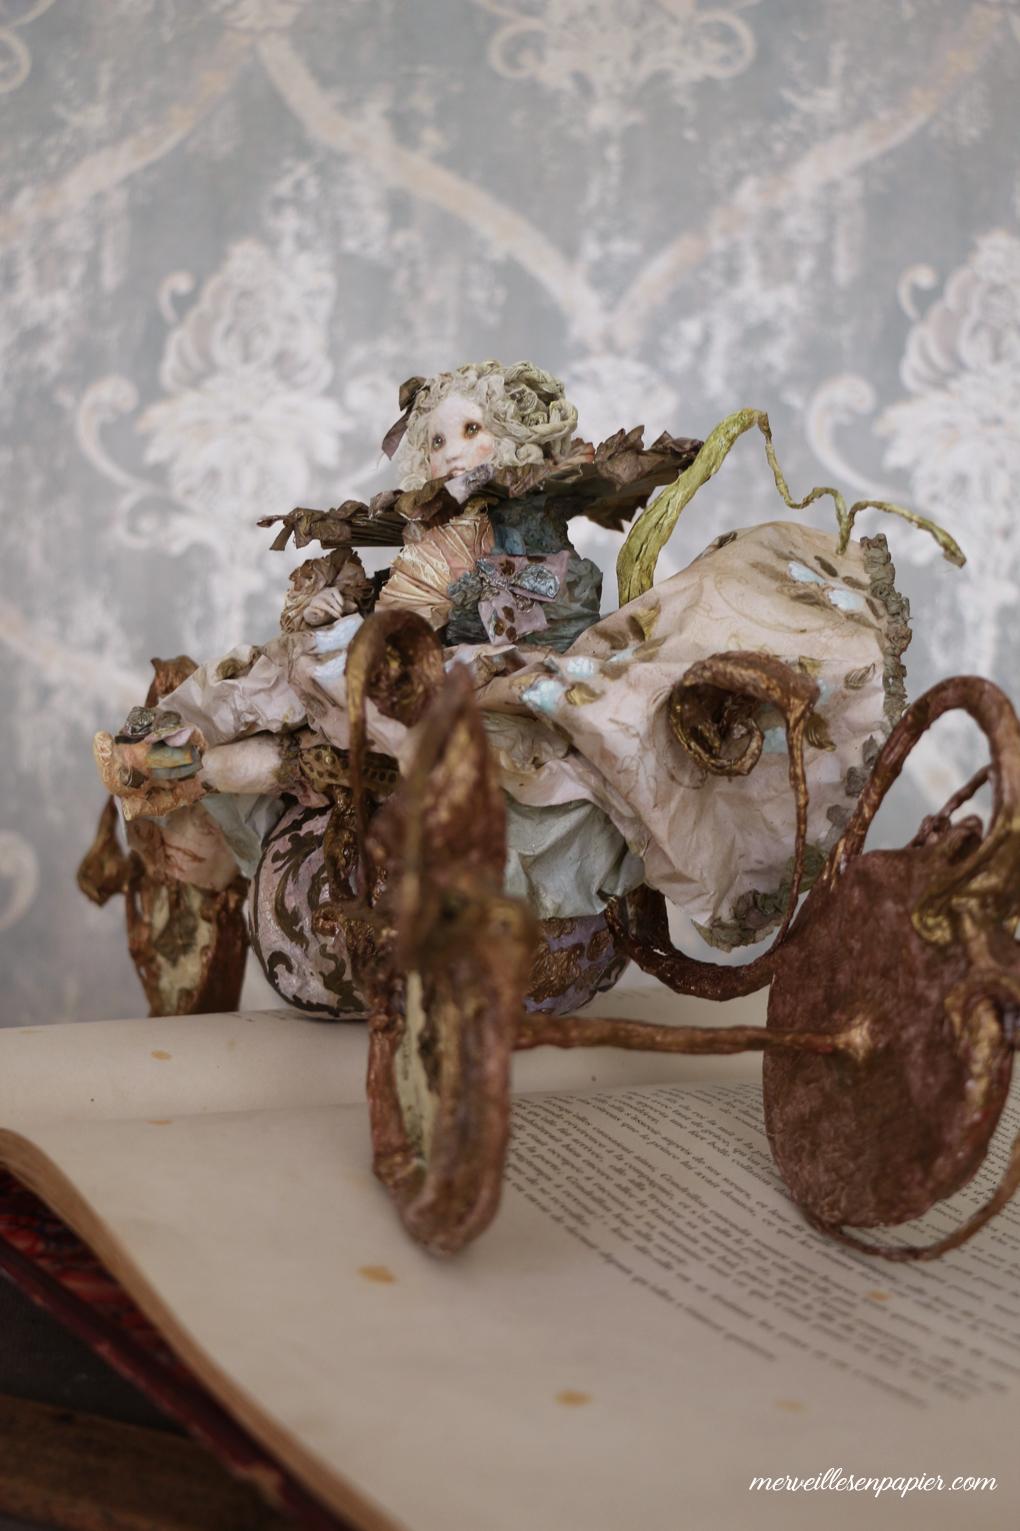 Cinderella on her Pumpkin Carriage